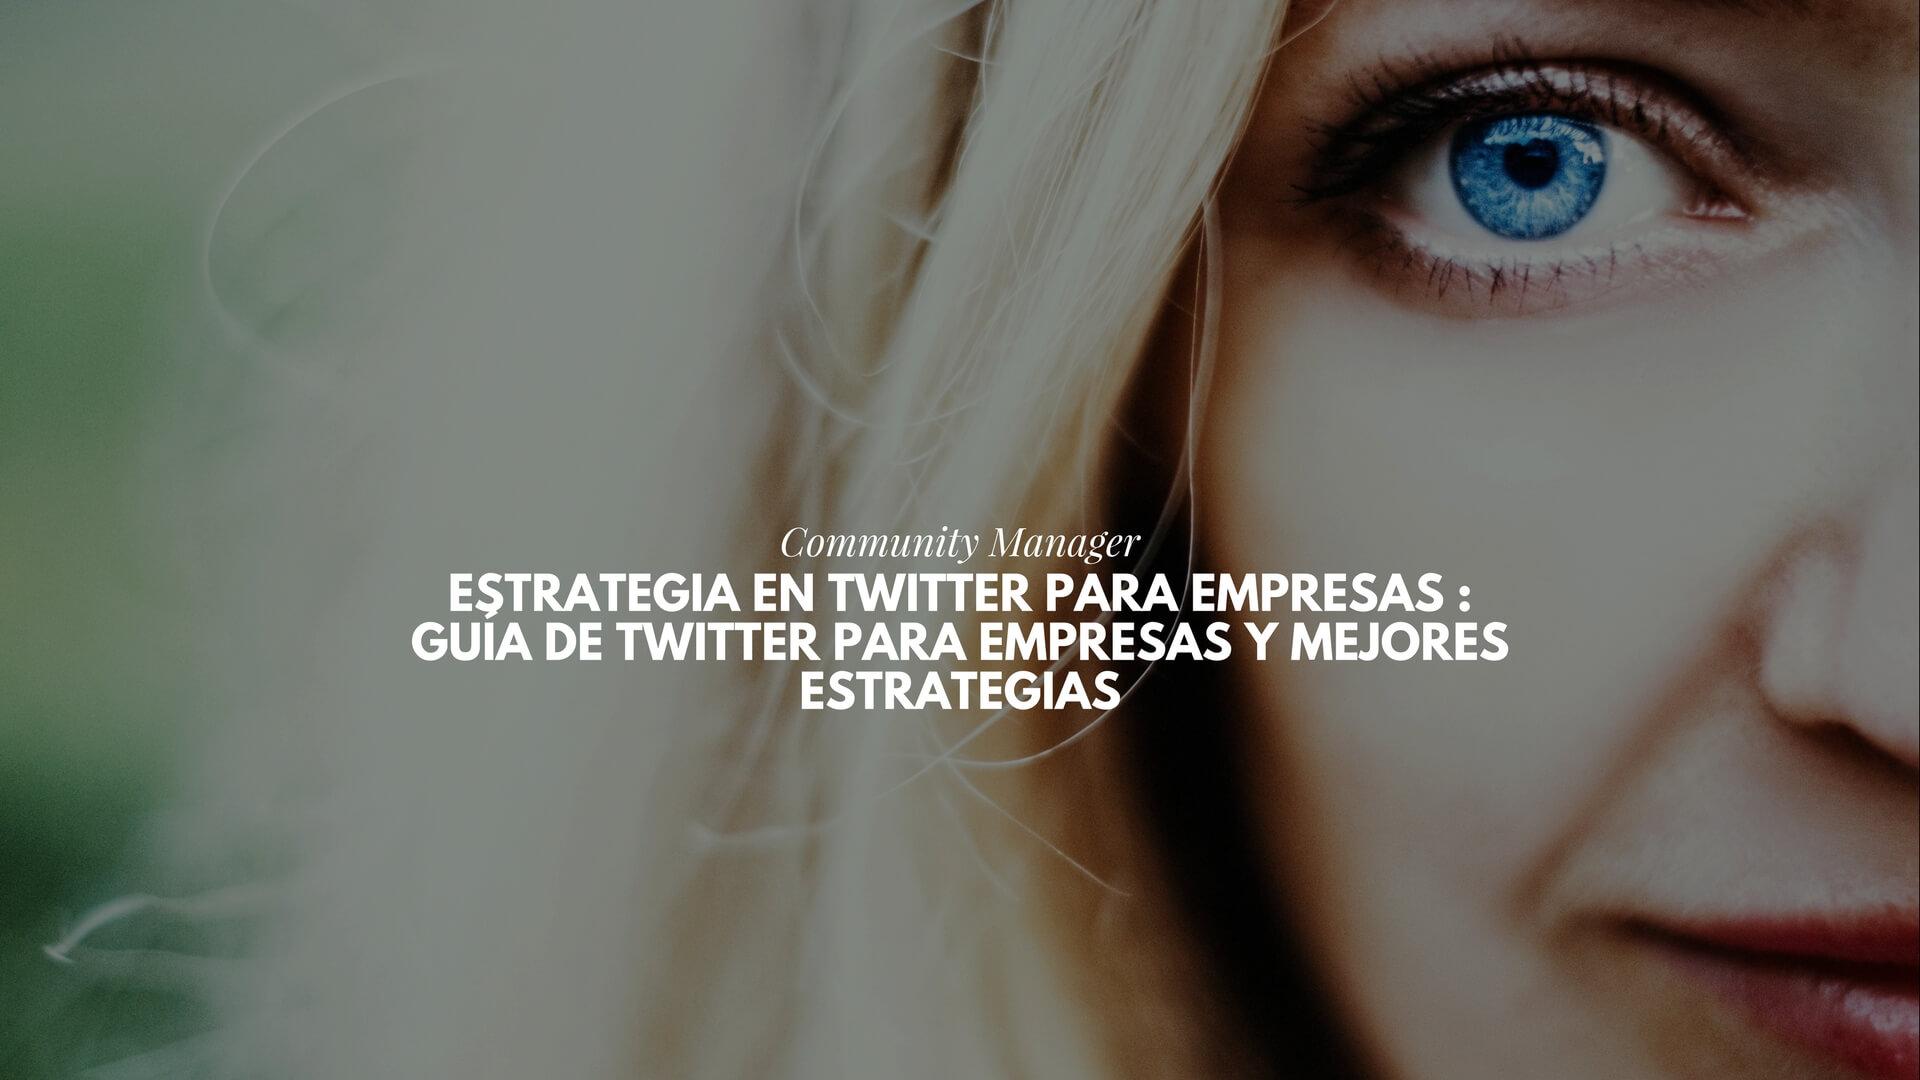 Guía de Twitter para empresas y mejores estrategias para empresas en Twitter